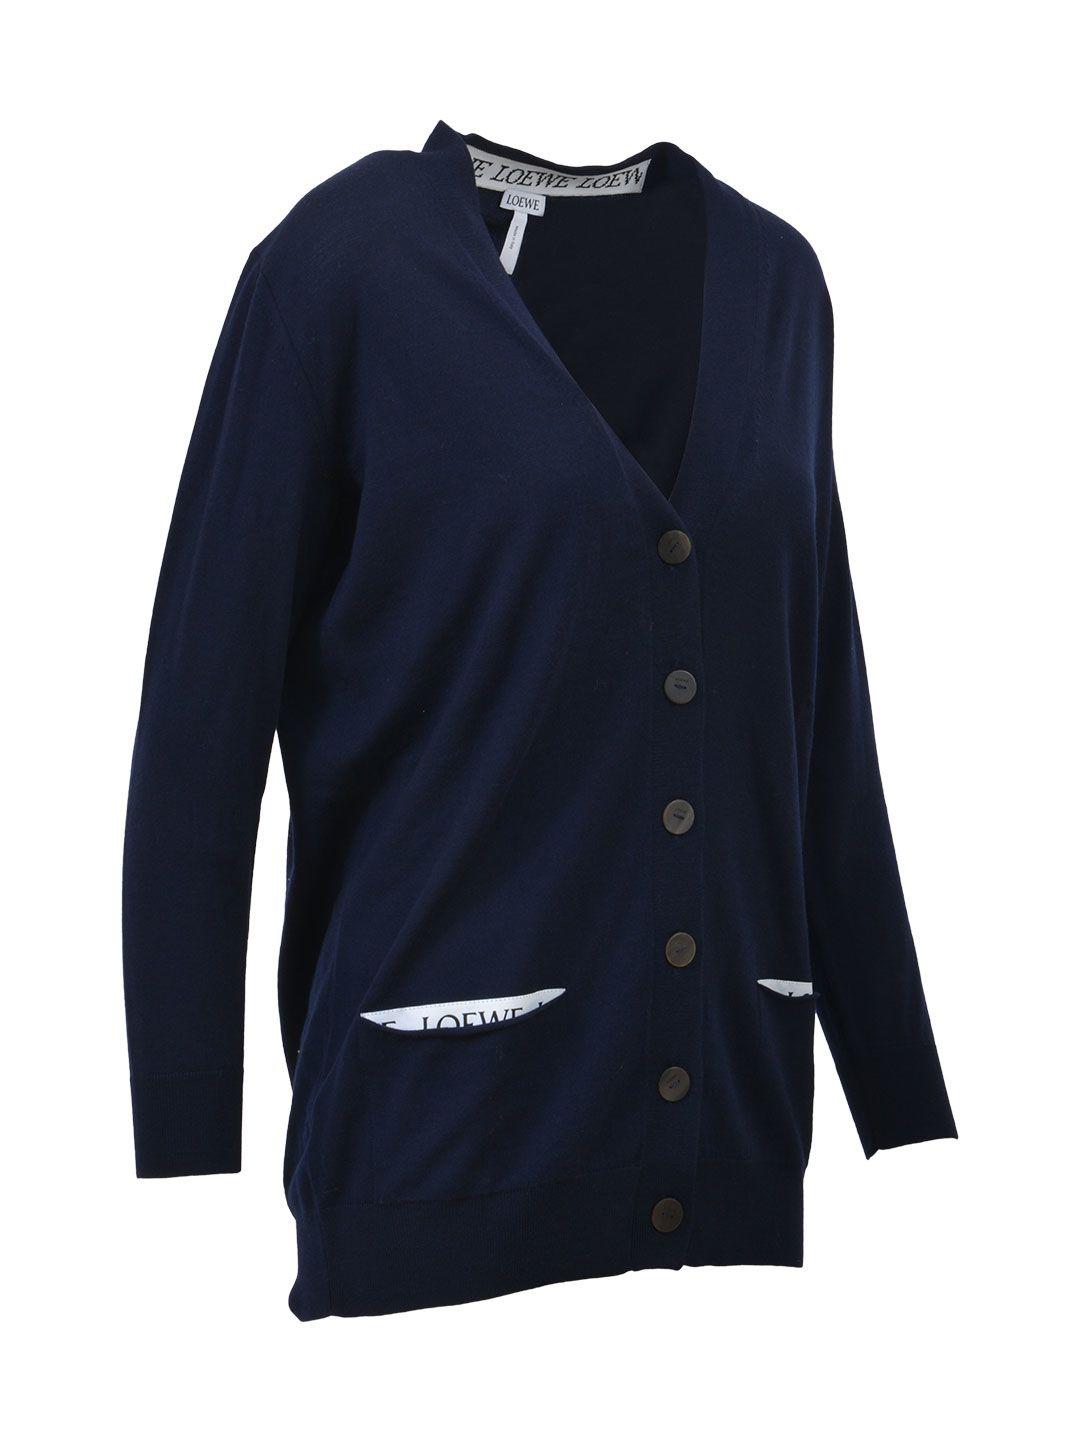 Loewe - Loewe Wool Cardigan - Blue, Women's Sweaters | Italist